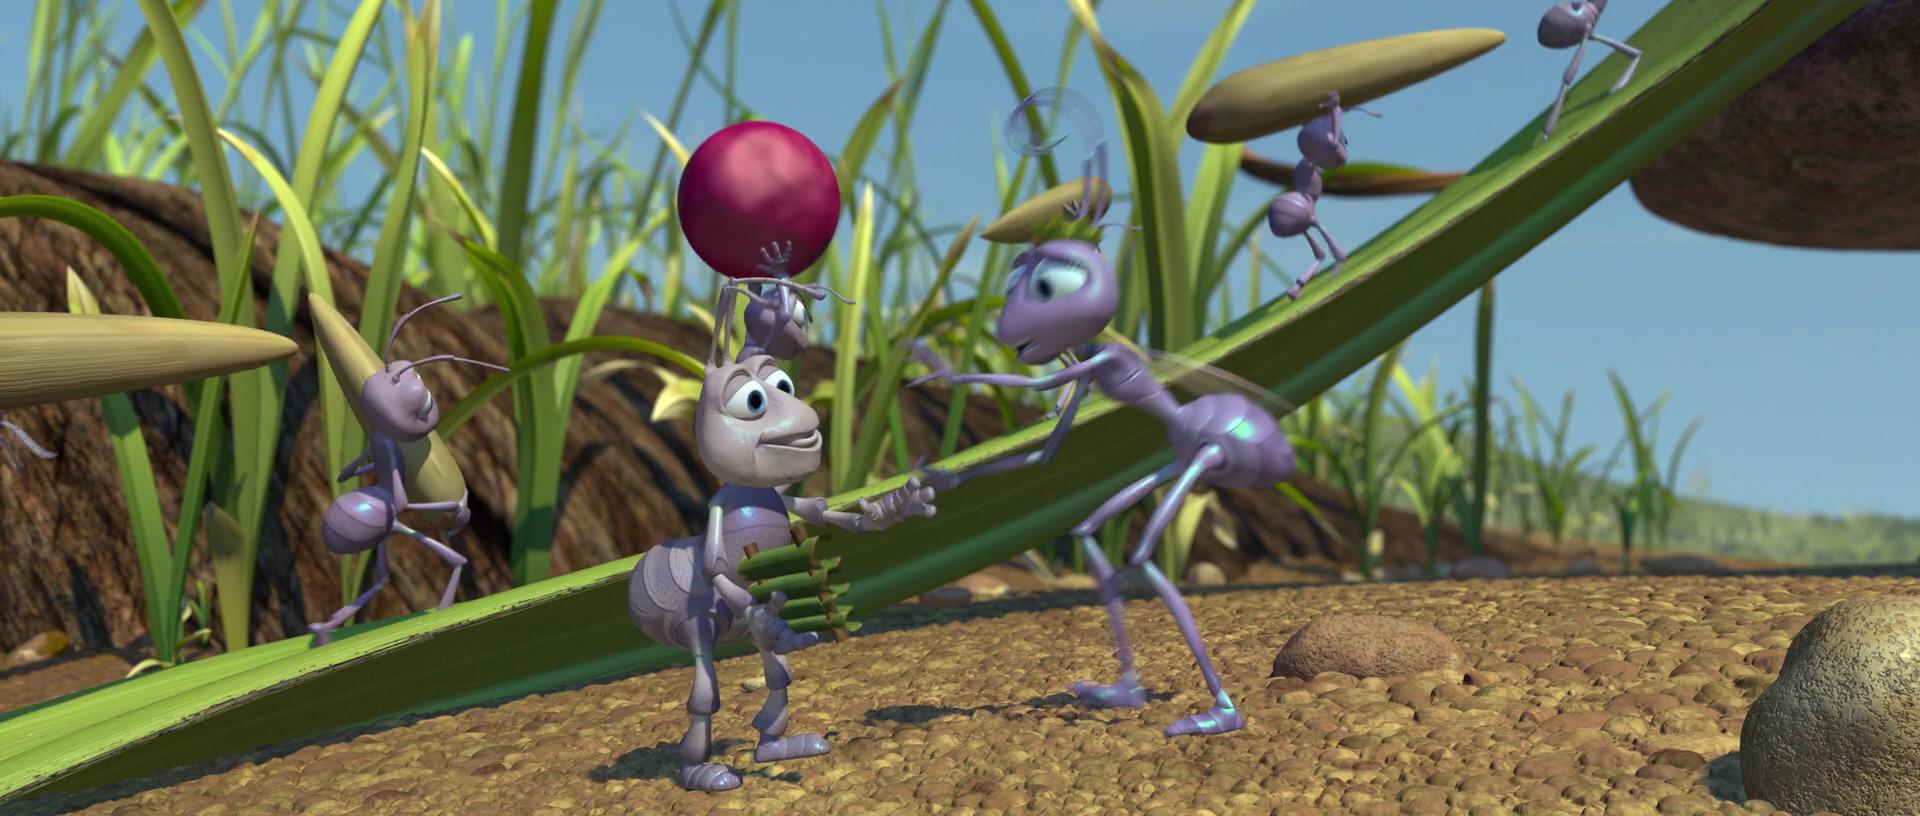 Bugs-life-disneyscreencaps.com-317.jpg